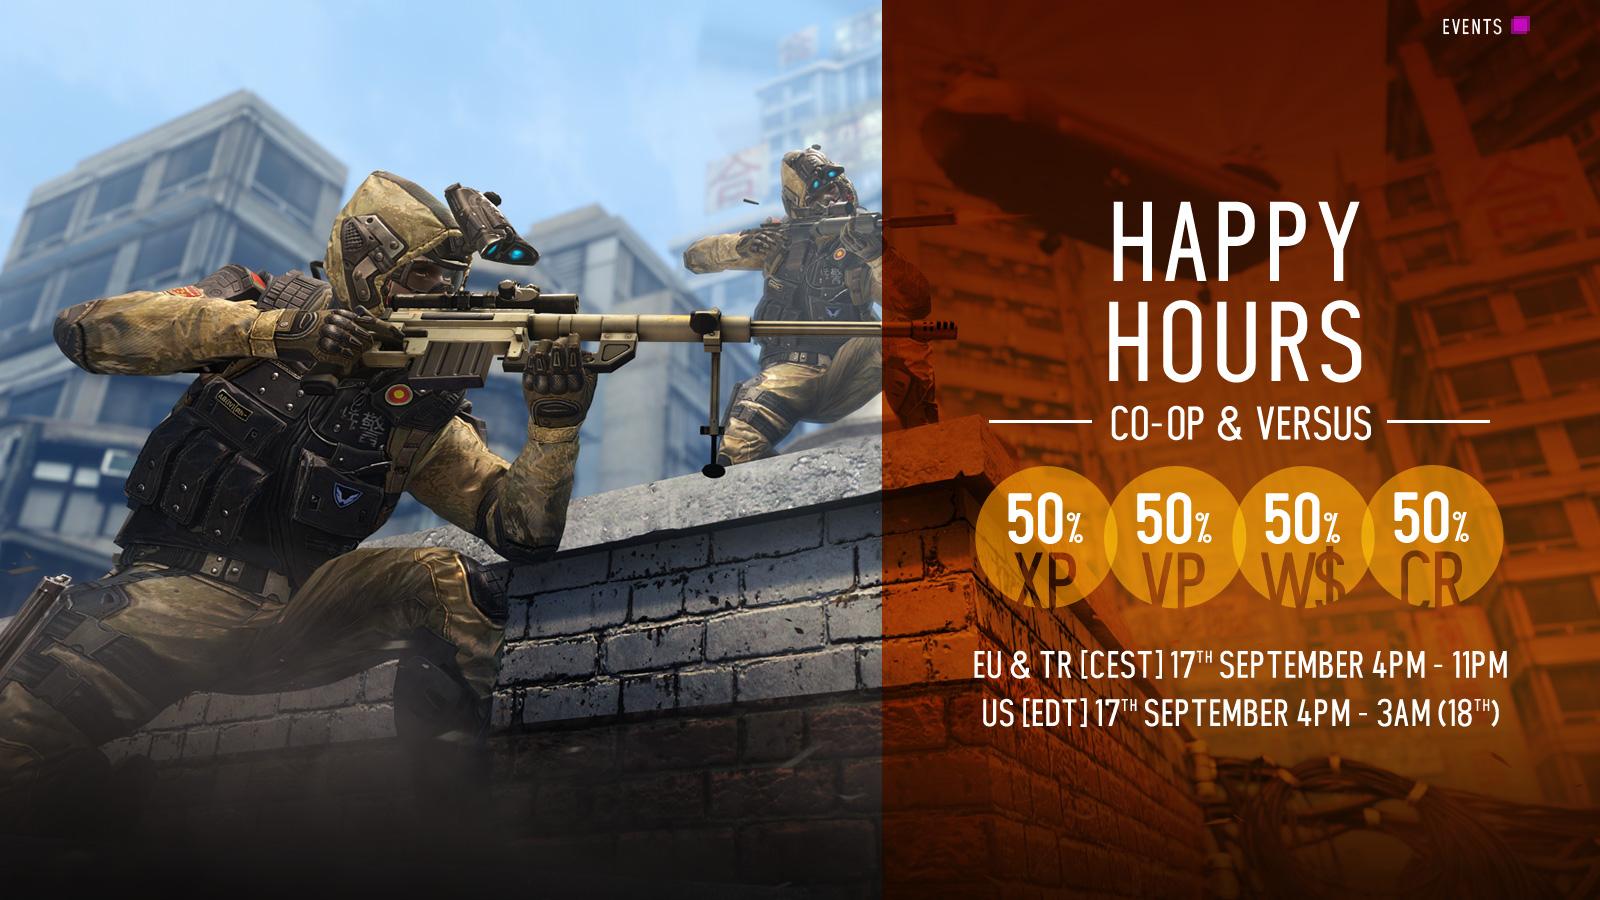 В этом видео вы узнаете во сколько расписание и когда точное время счастливых часов, с бонусами и подарками для игроков.